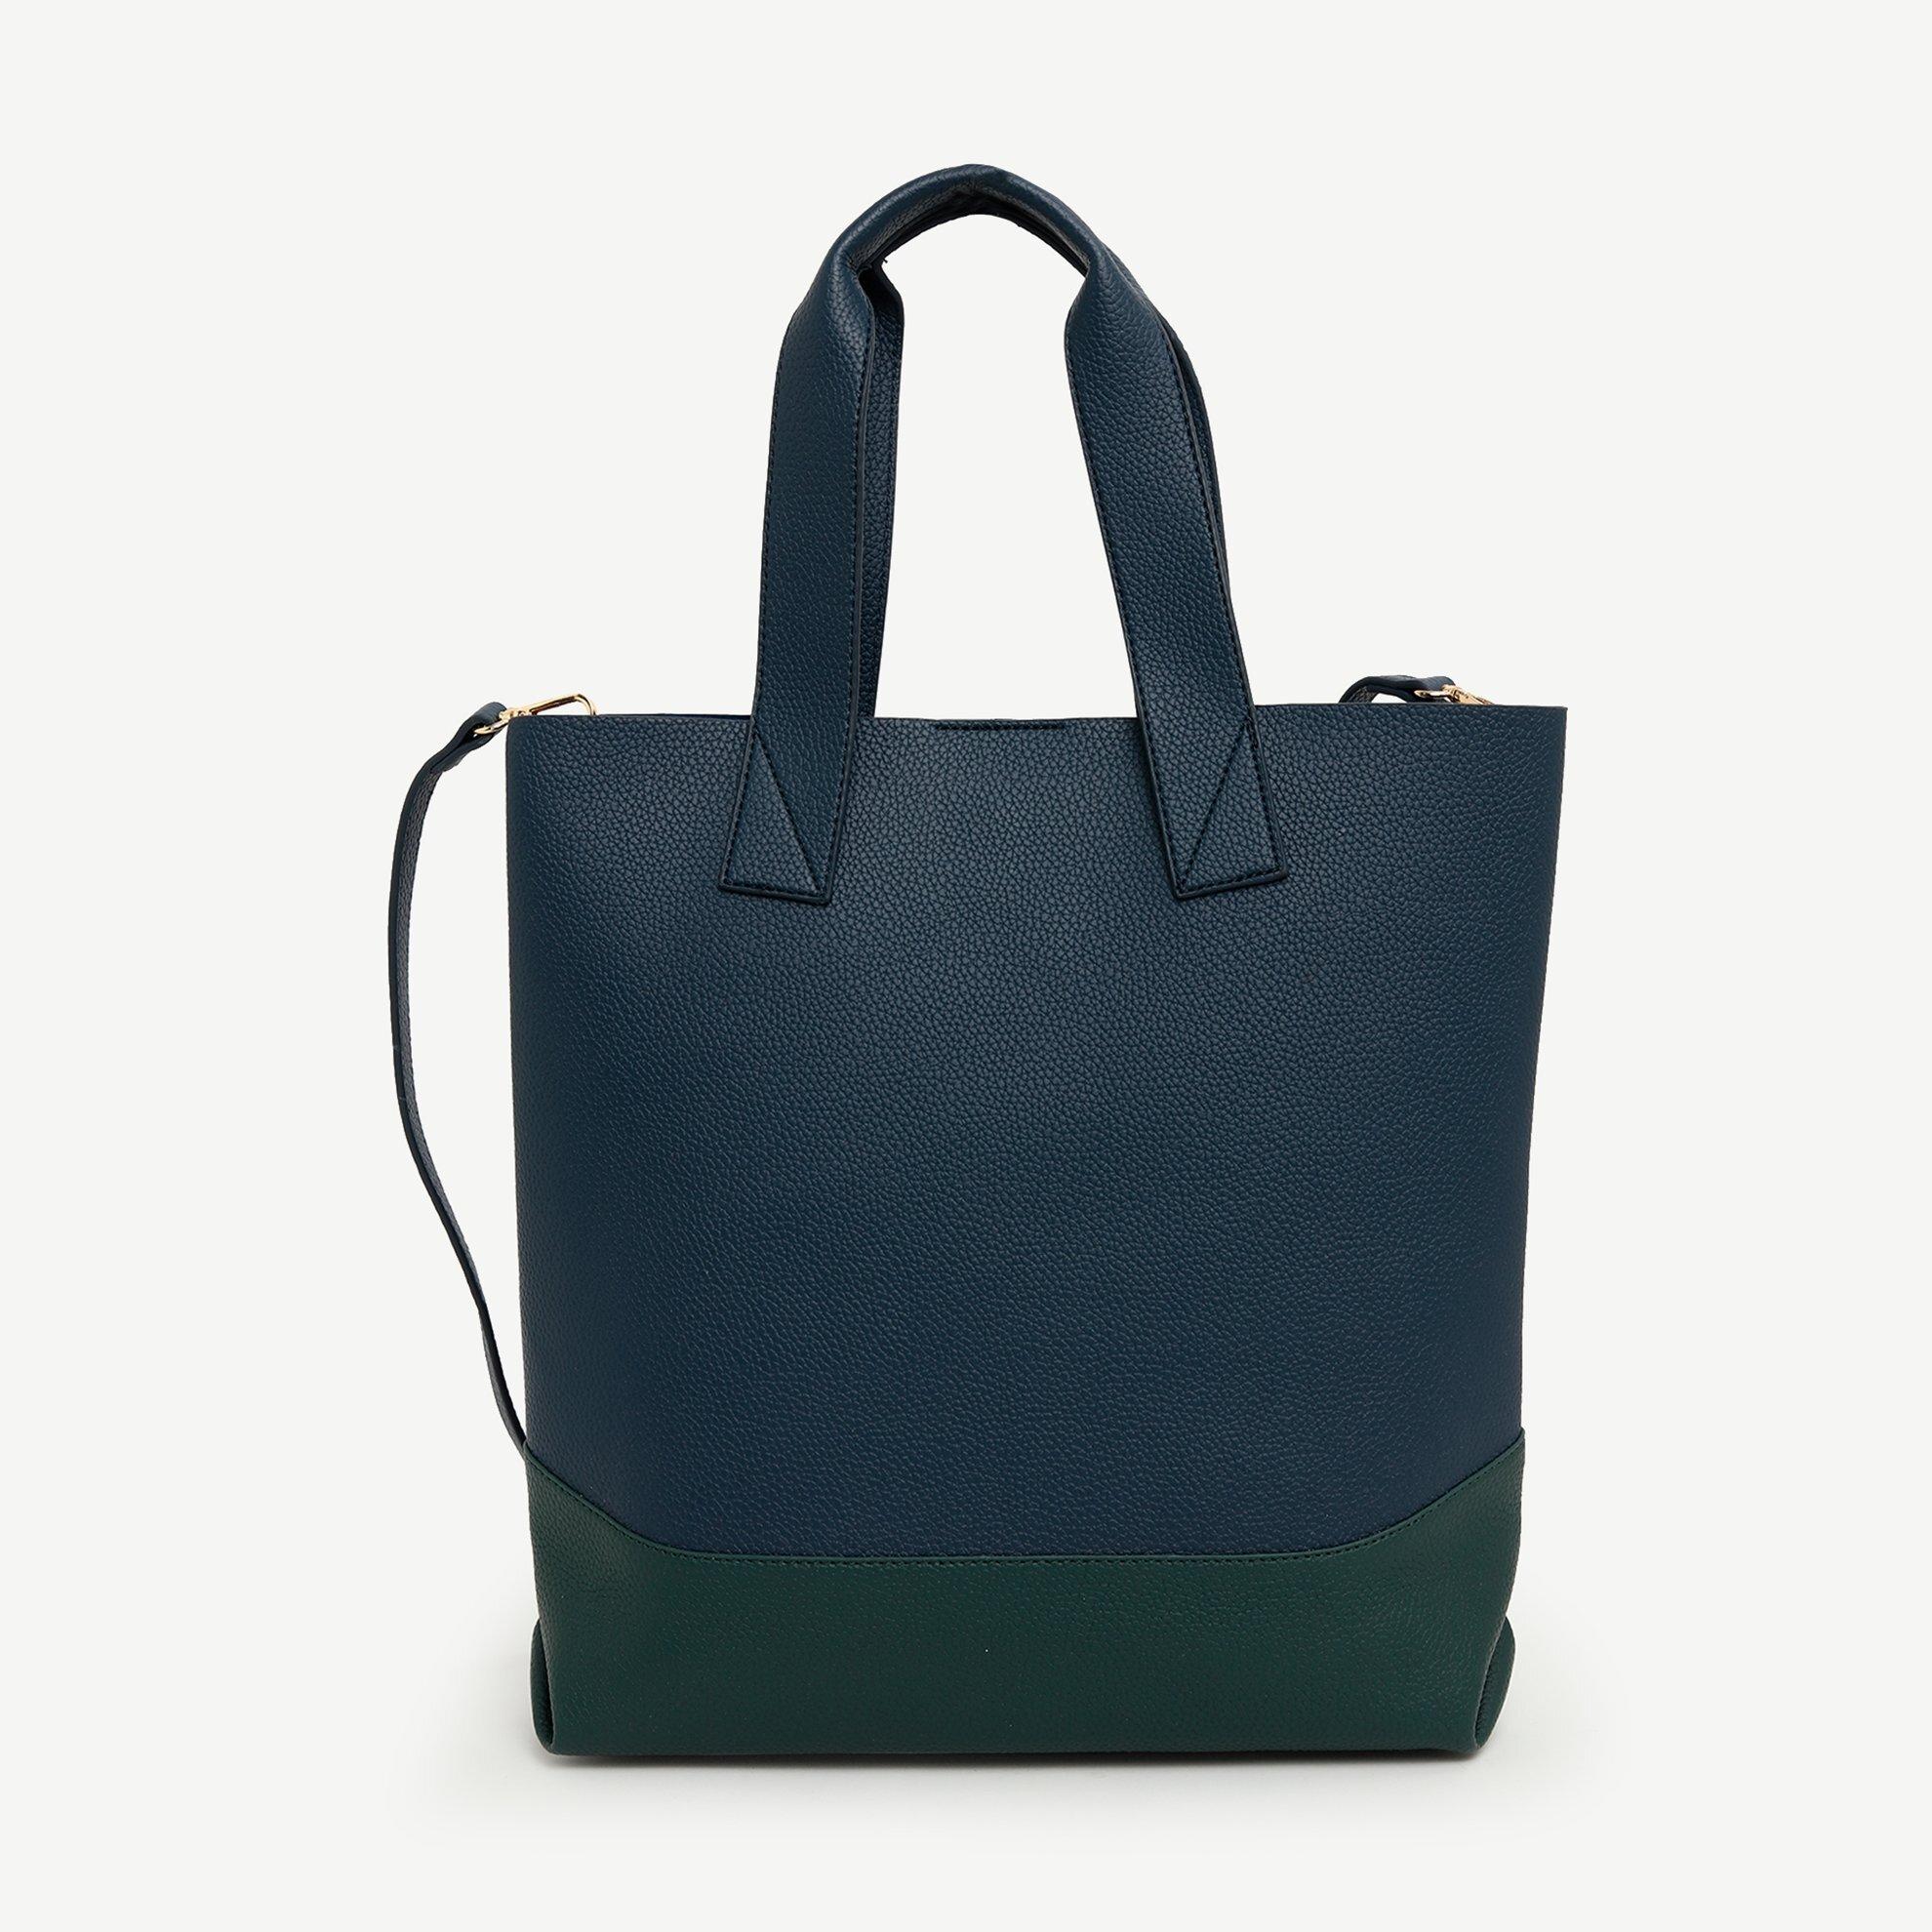 Handtasche zweifarbig